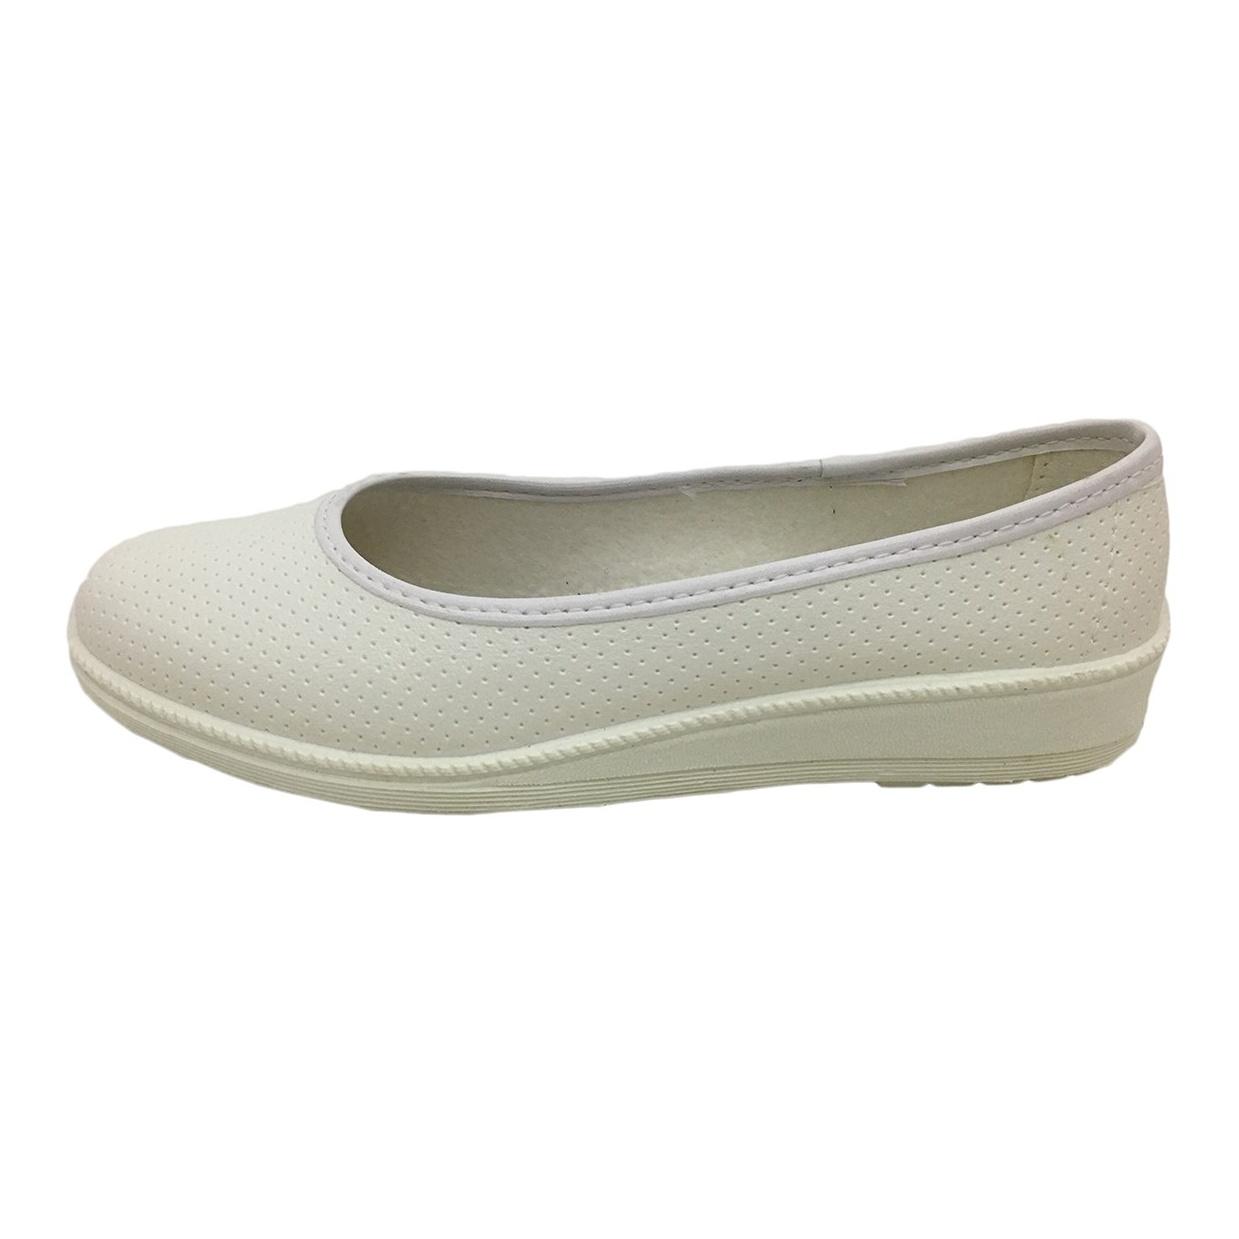 کفش راحتی زنانه نهرین مدل پرستاری 1123